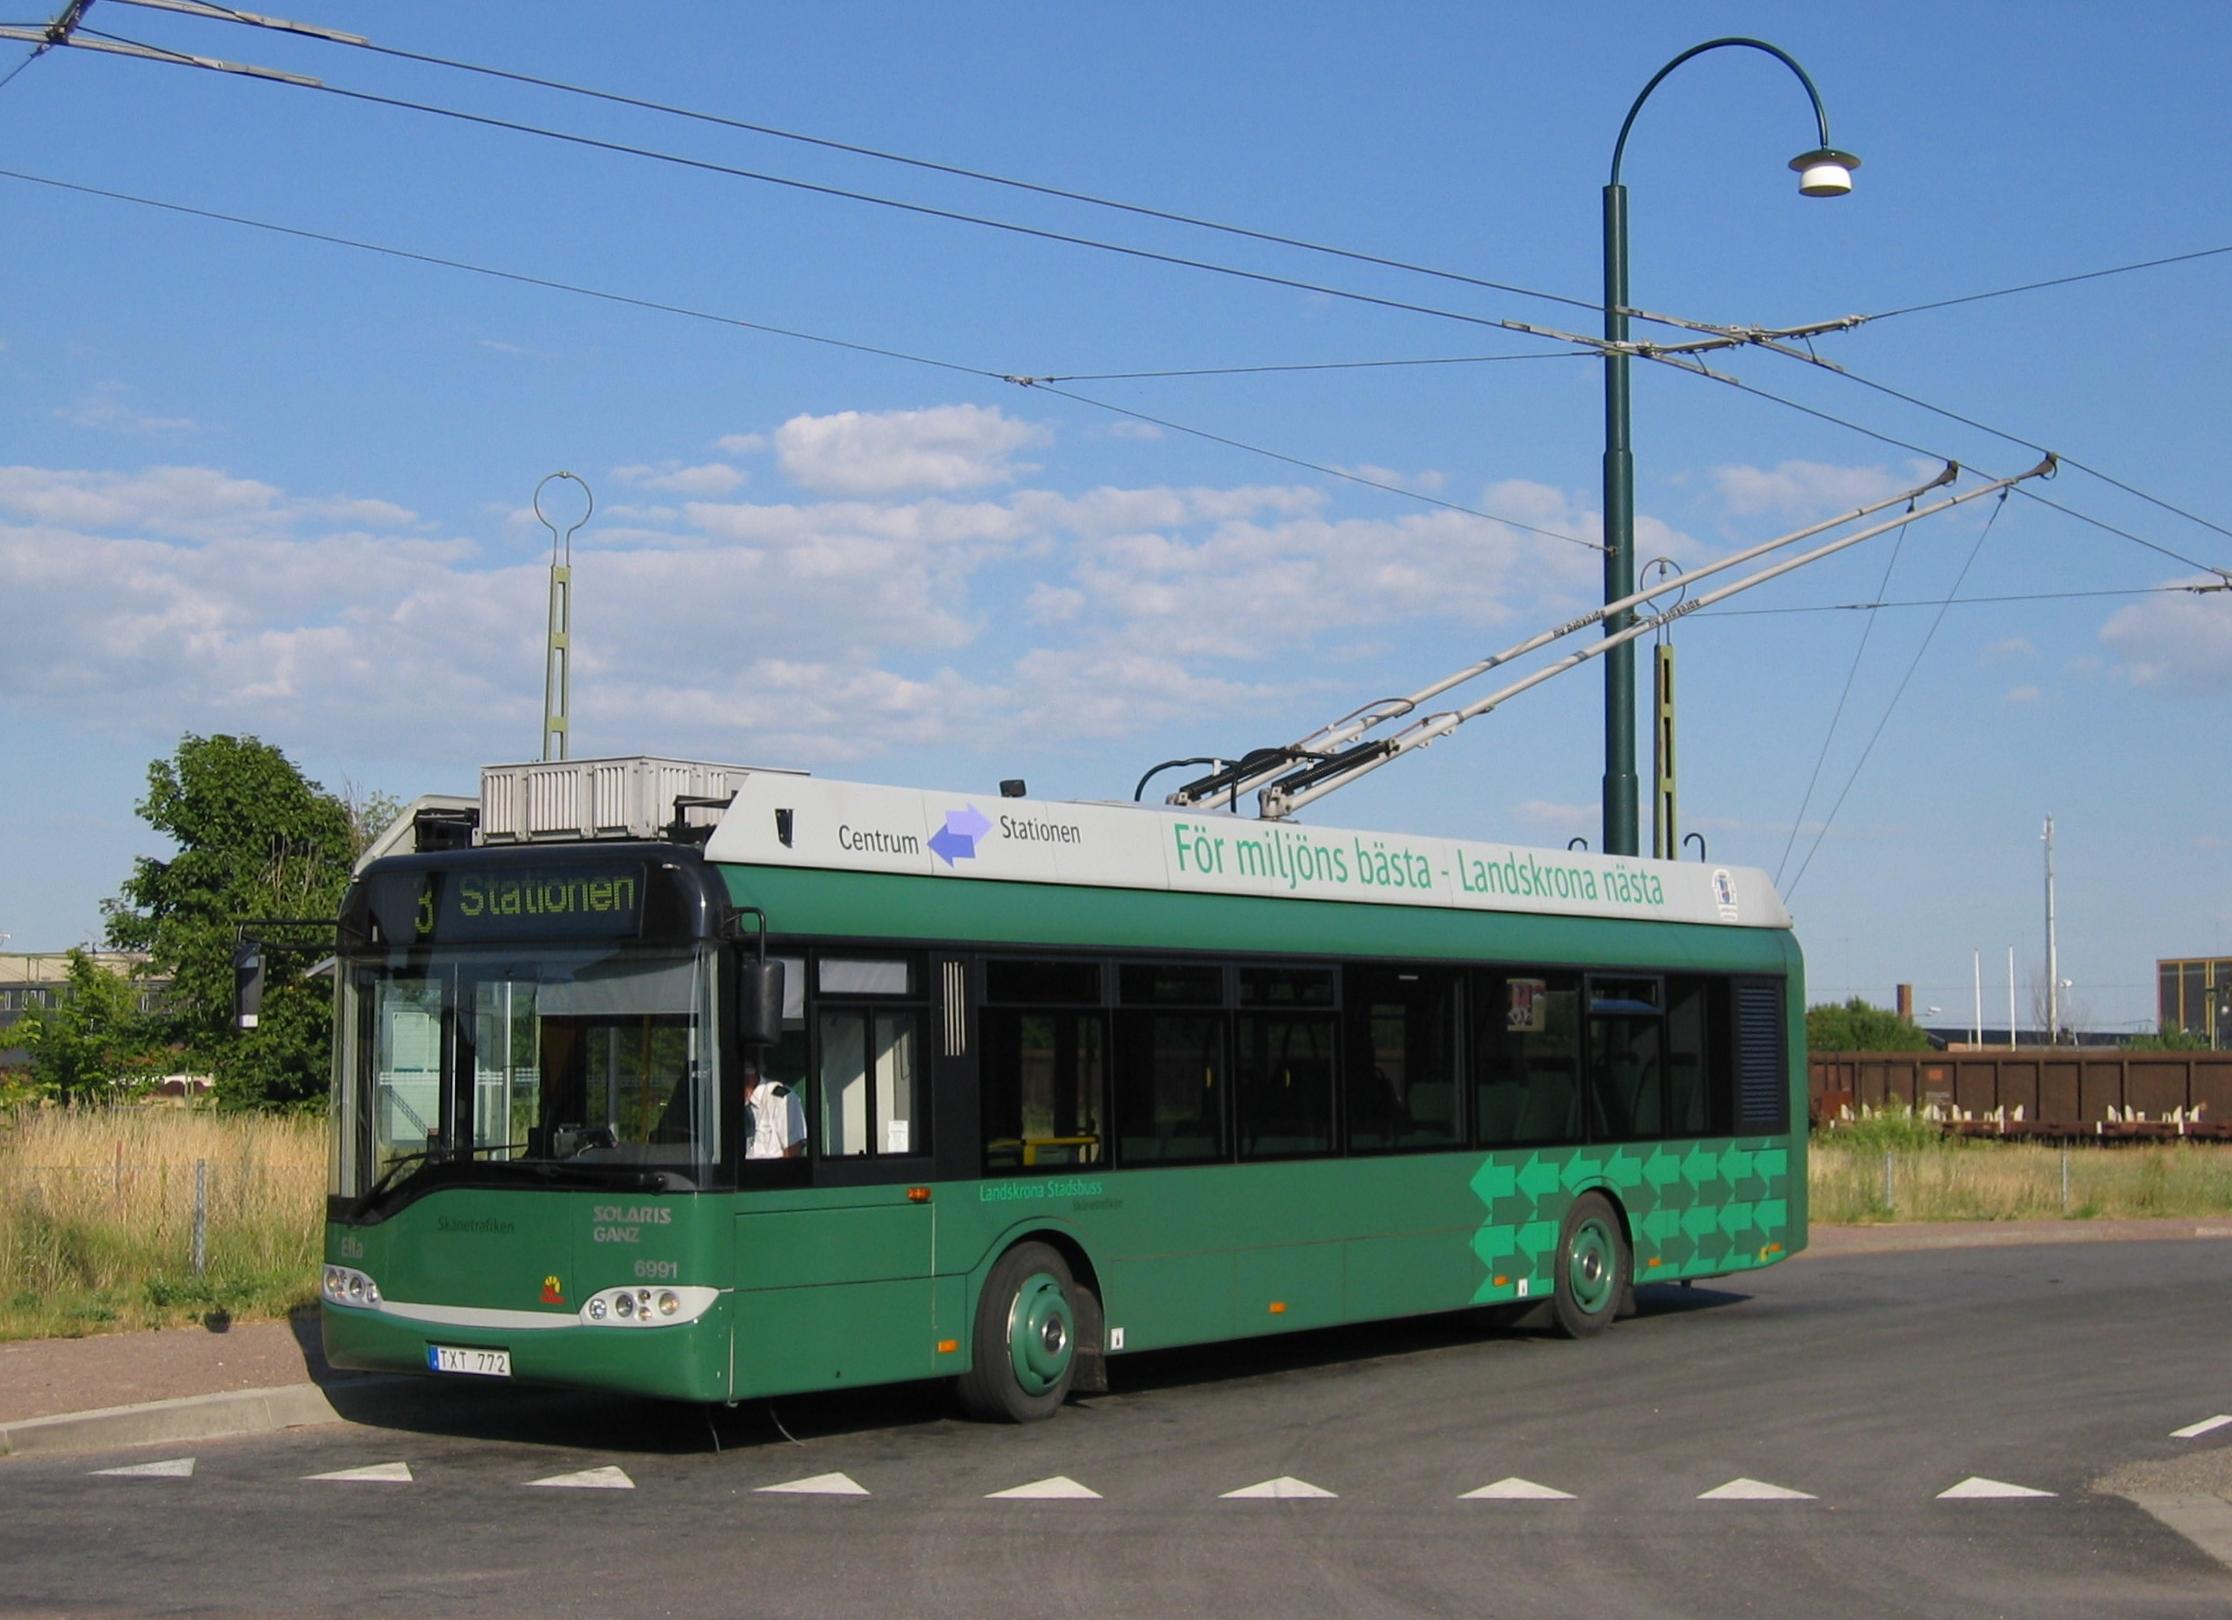 Trådbuss_Landskrona